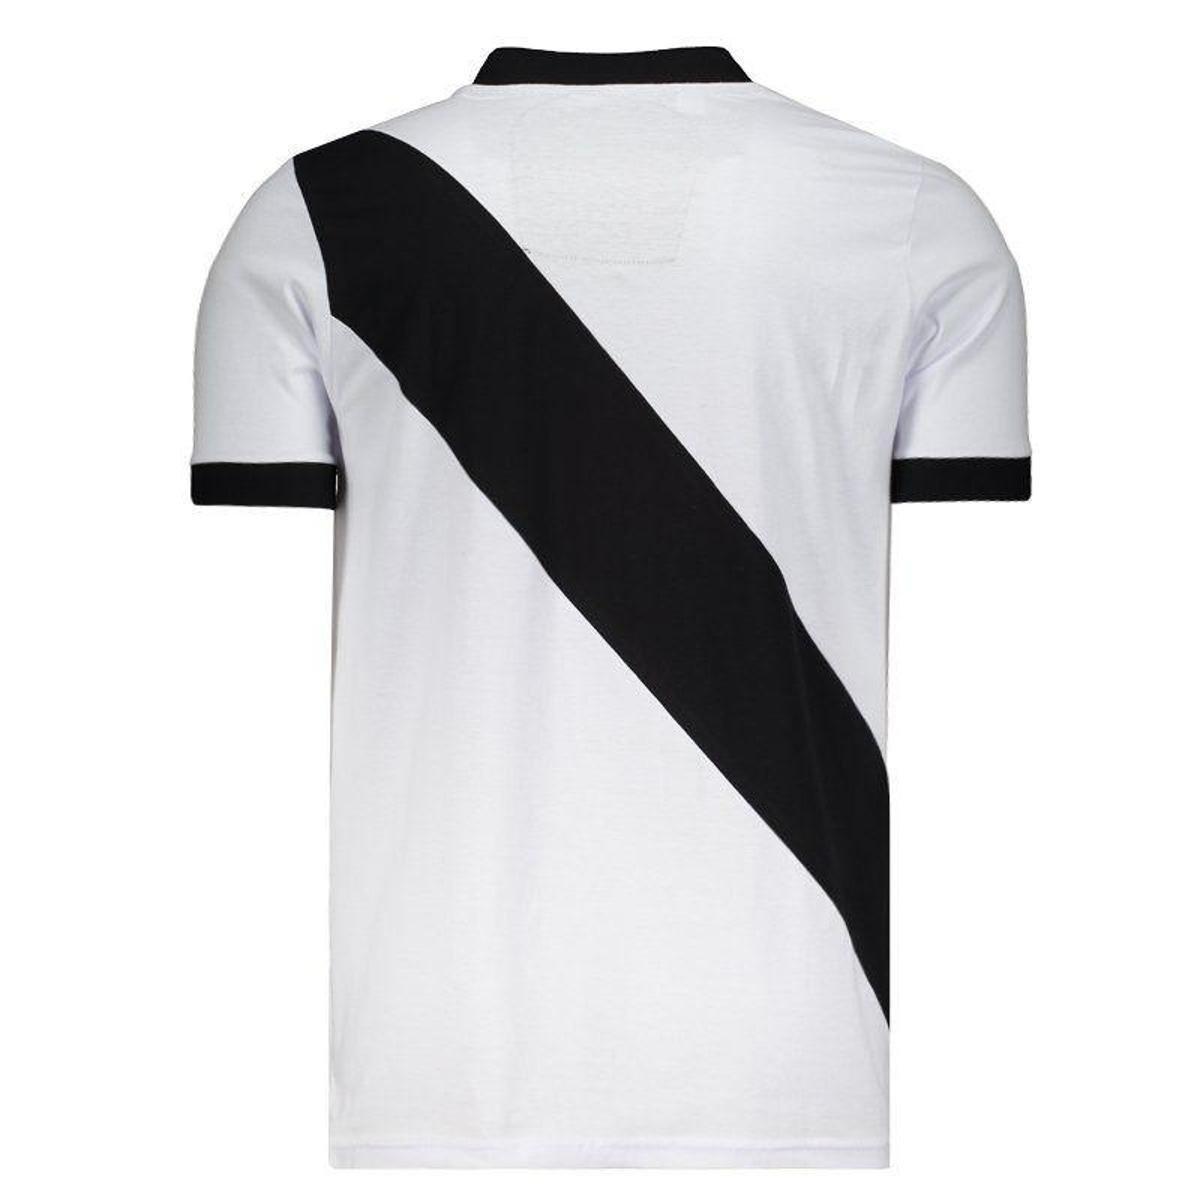 Camiseta Vasco Expresso Masculina - Compre Agora  dbeefb64ff735